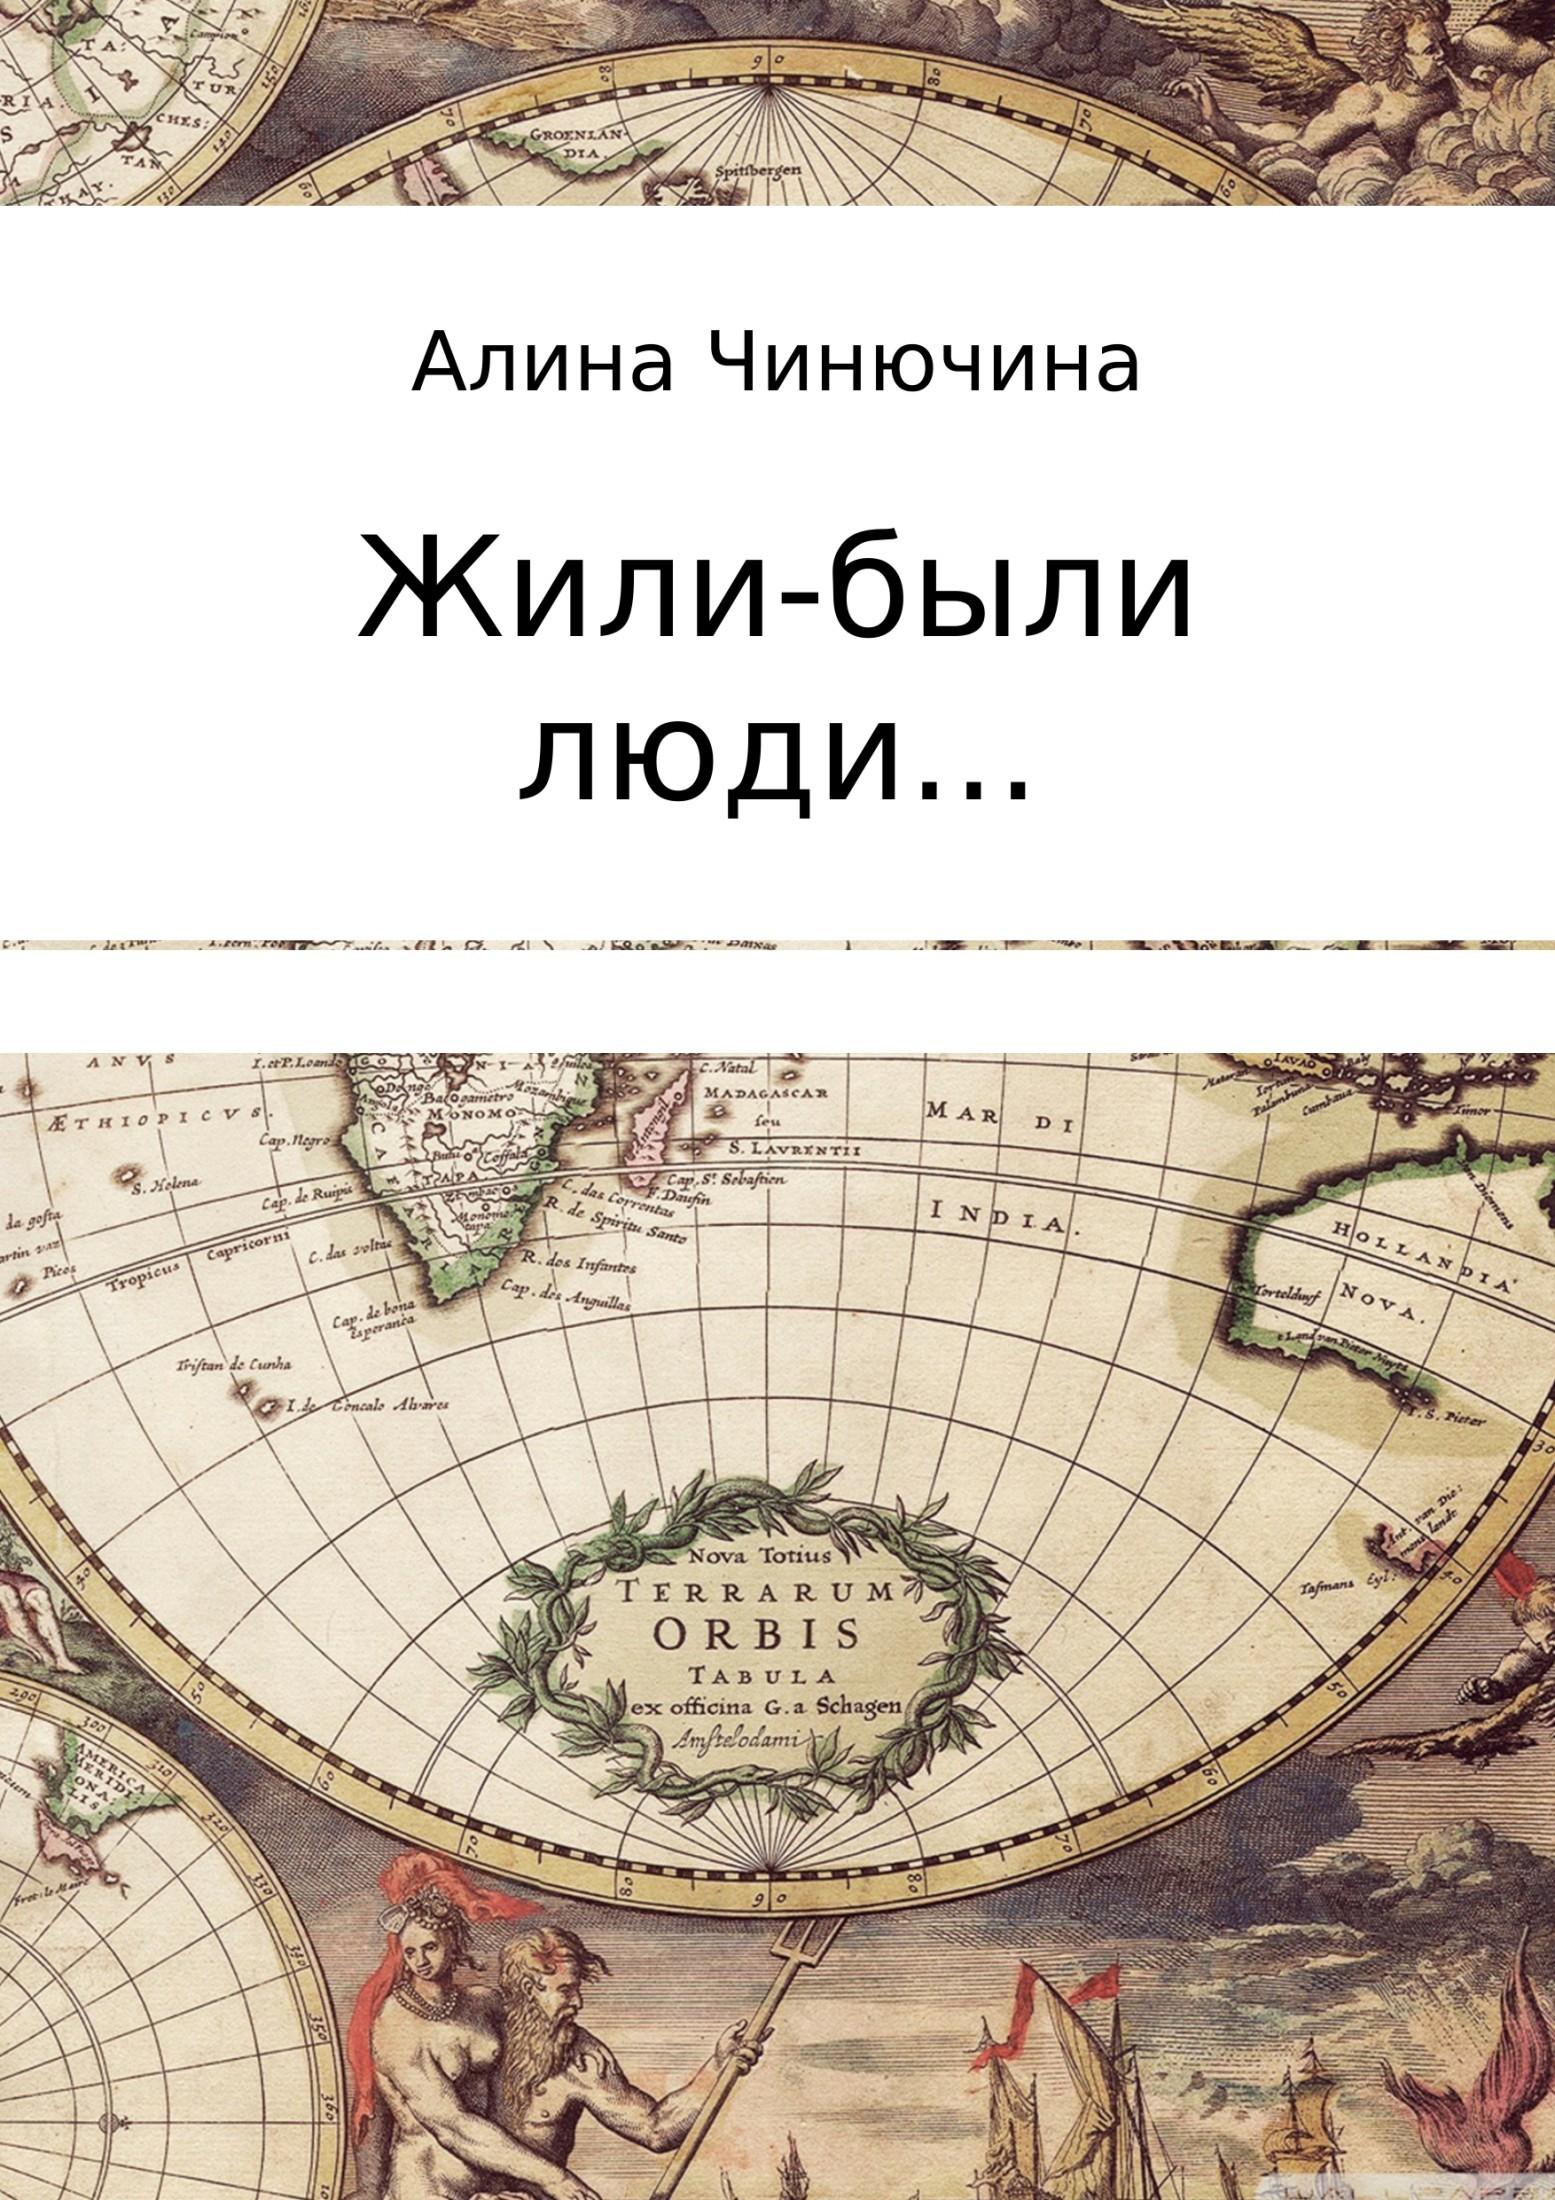 Алина Равилевна Чинючина Жили-были люди… Сборник галина долбенко жили были в одной деревне… сборник рассказов